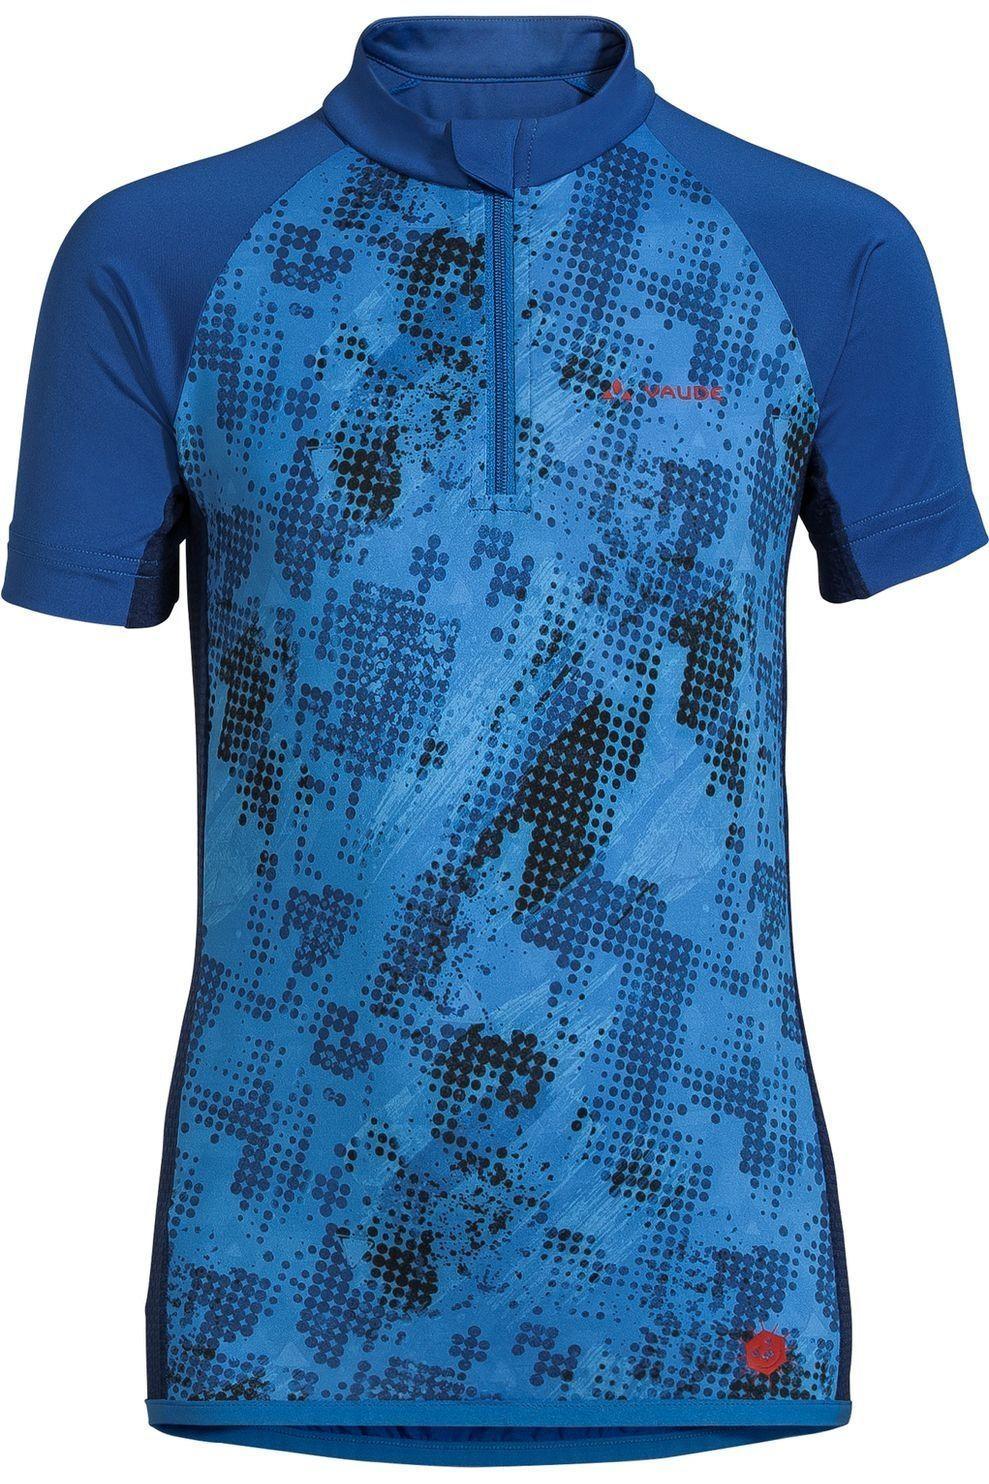 VAUDE T-Shirt Elmo Tricot Ix voor kids - Blauw - Maten: 122/128, 134/140, 146/152, 158/164